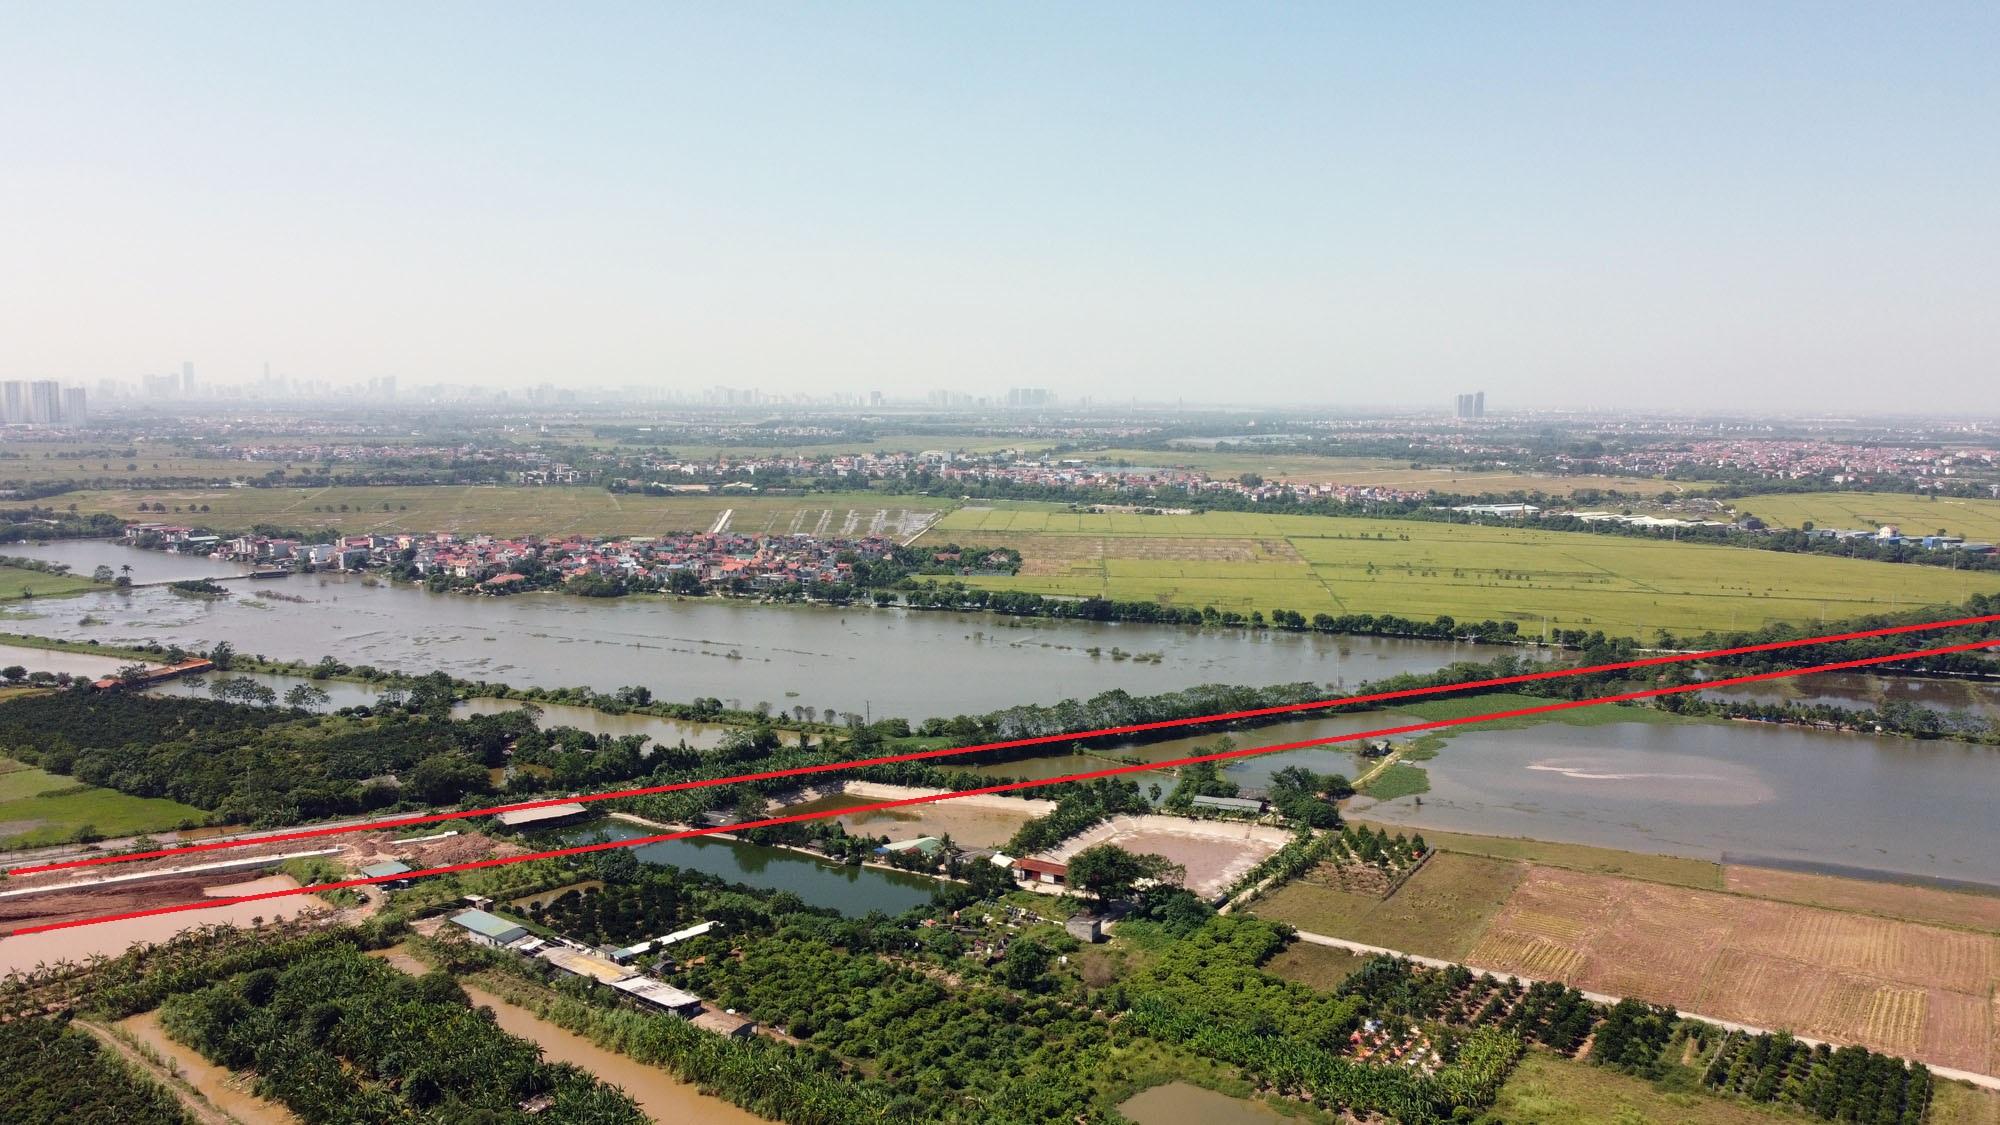 đường sẽ mở theo qui hoạch ở xã Dục Tú, Đông Anh, Hà Nội - Ảnh 10.